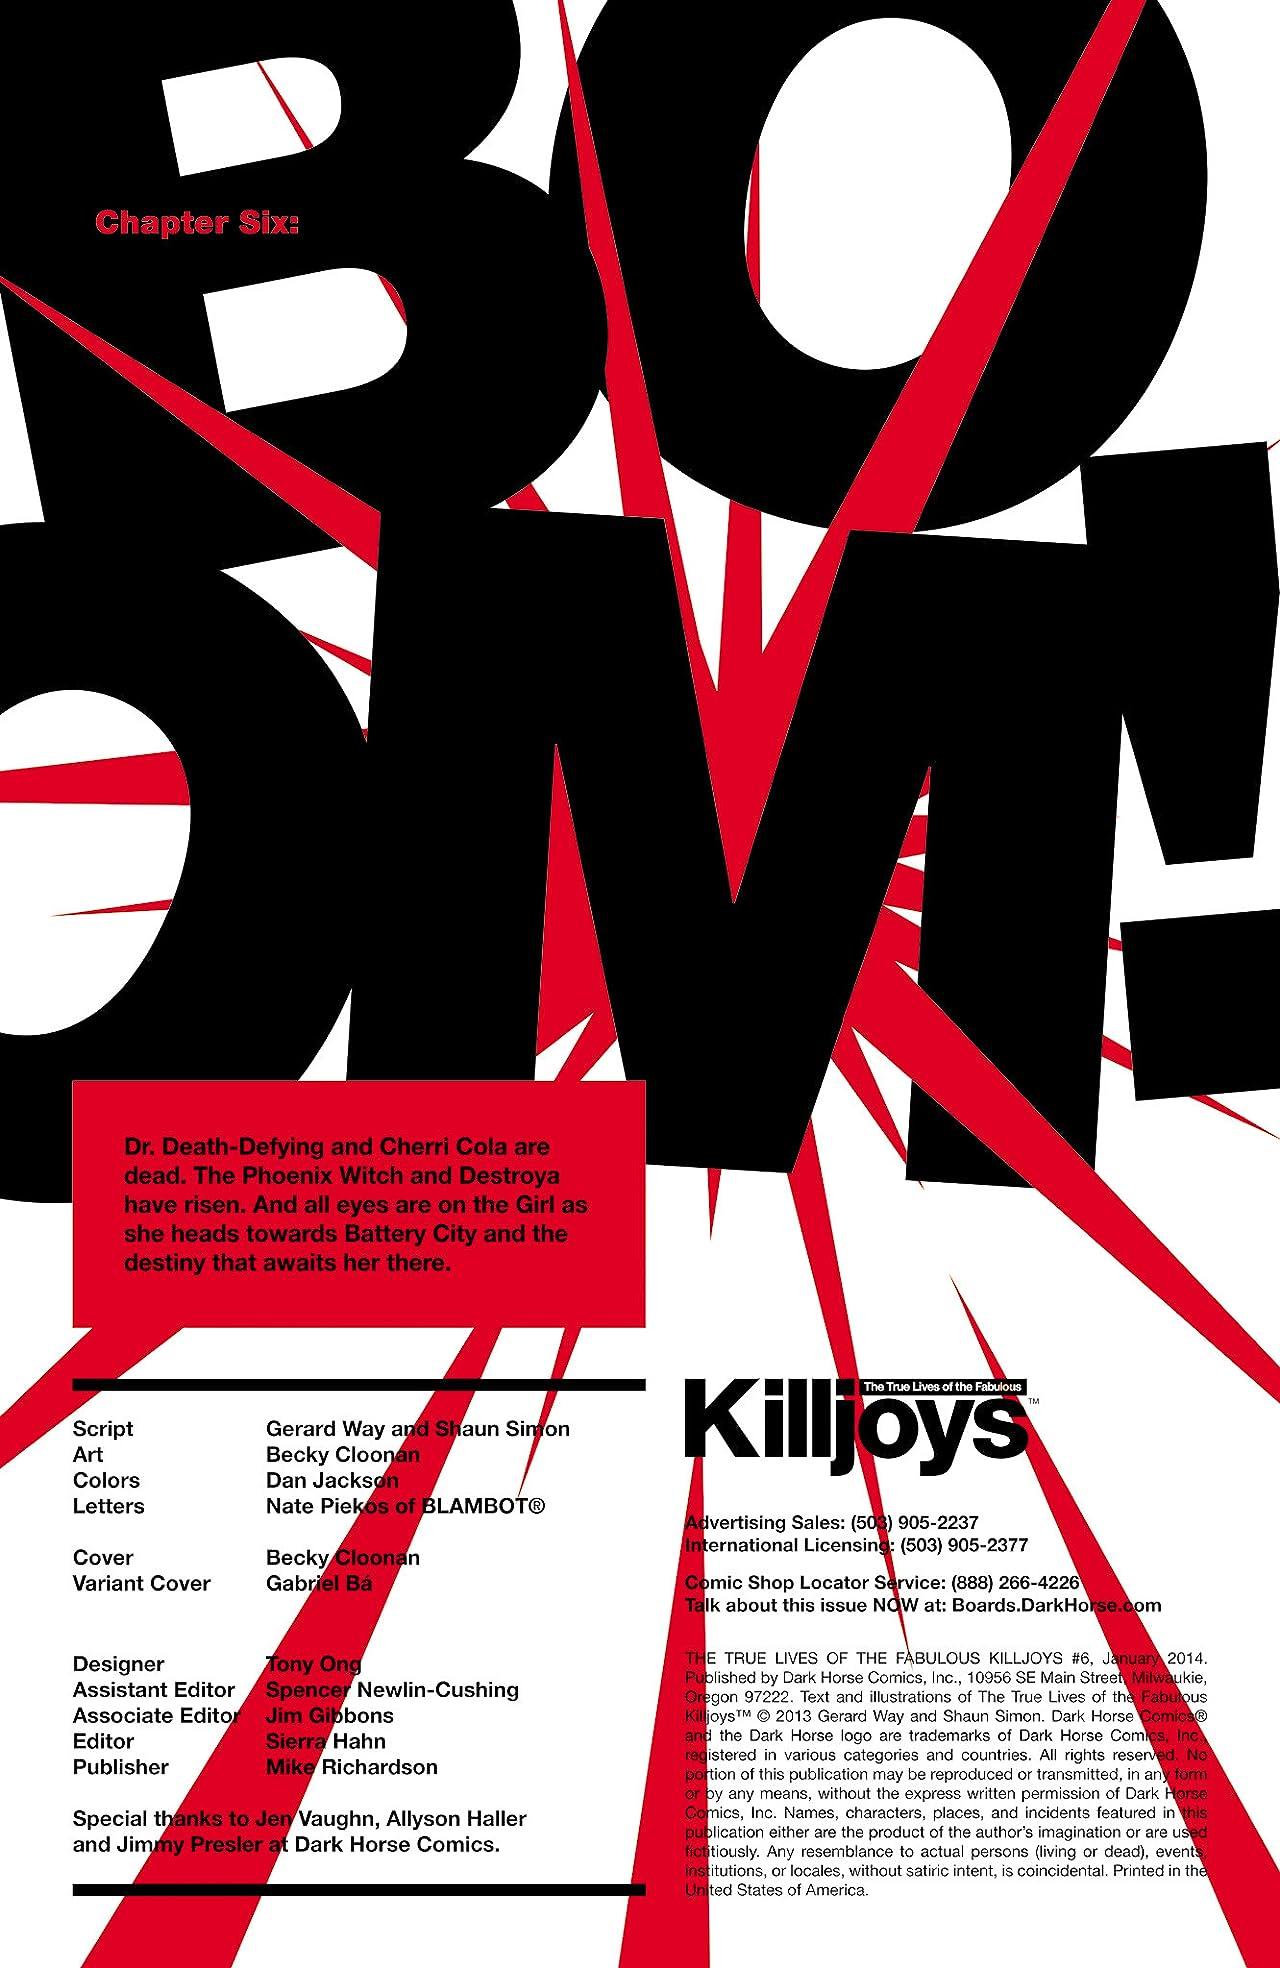 True Lives of the Fabulous Killjoys #6